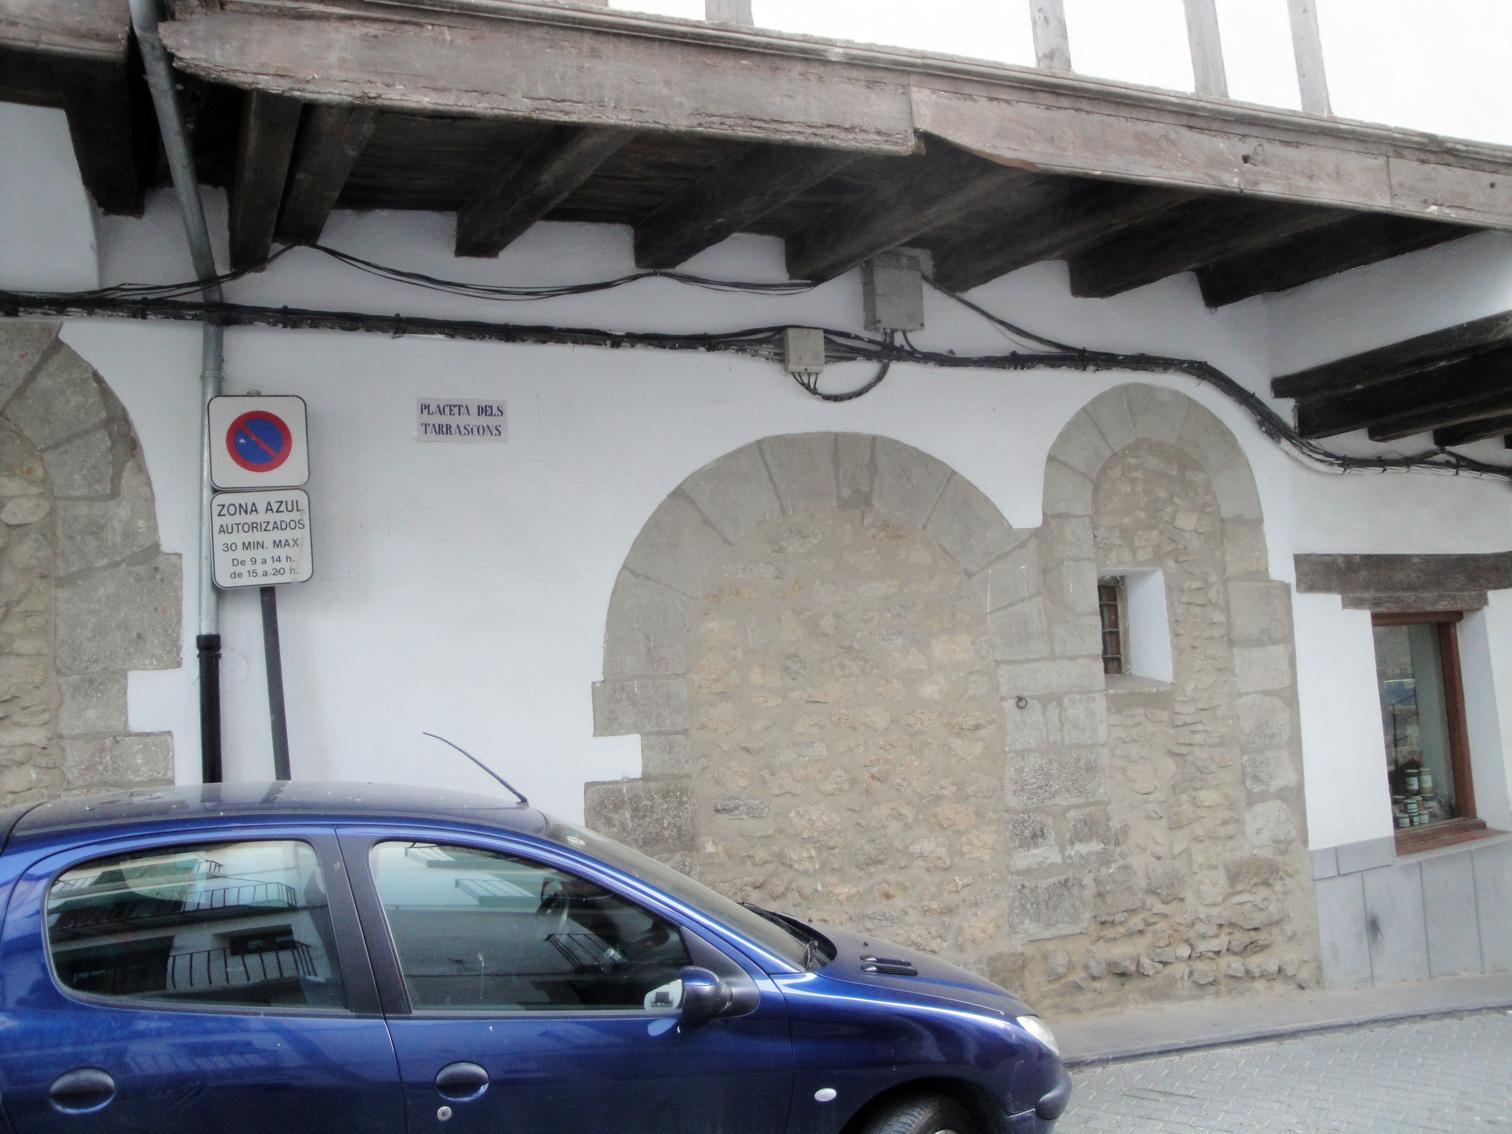 19.06.2012 Altre aspecte de la Placeta dels Tarrascons  Morella -  Jordi Bibià